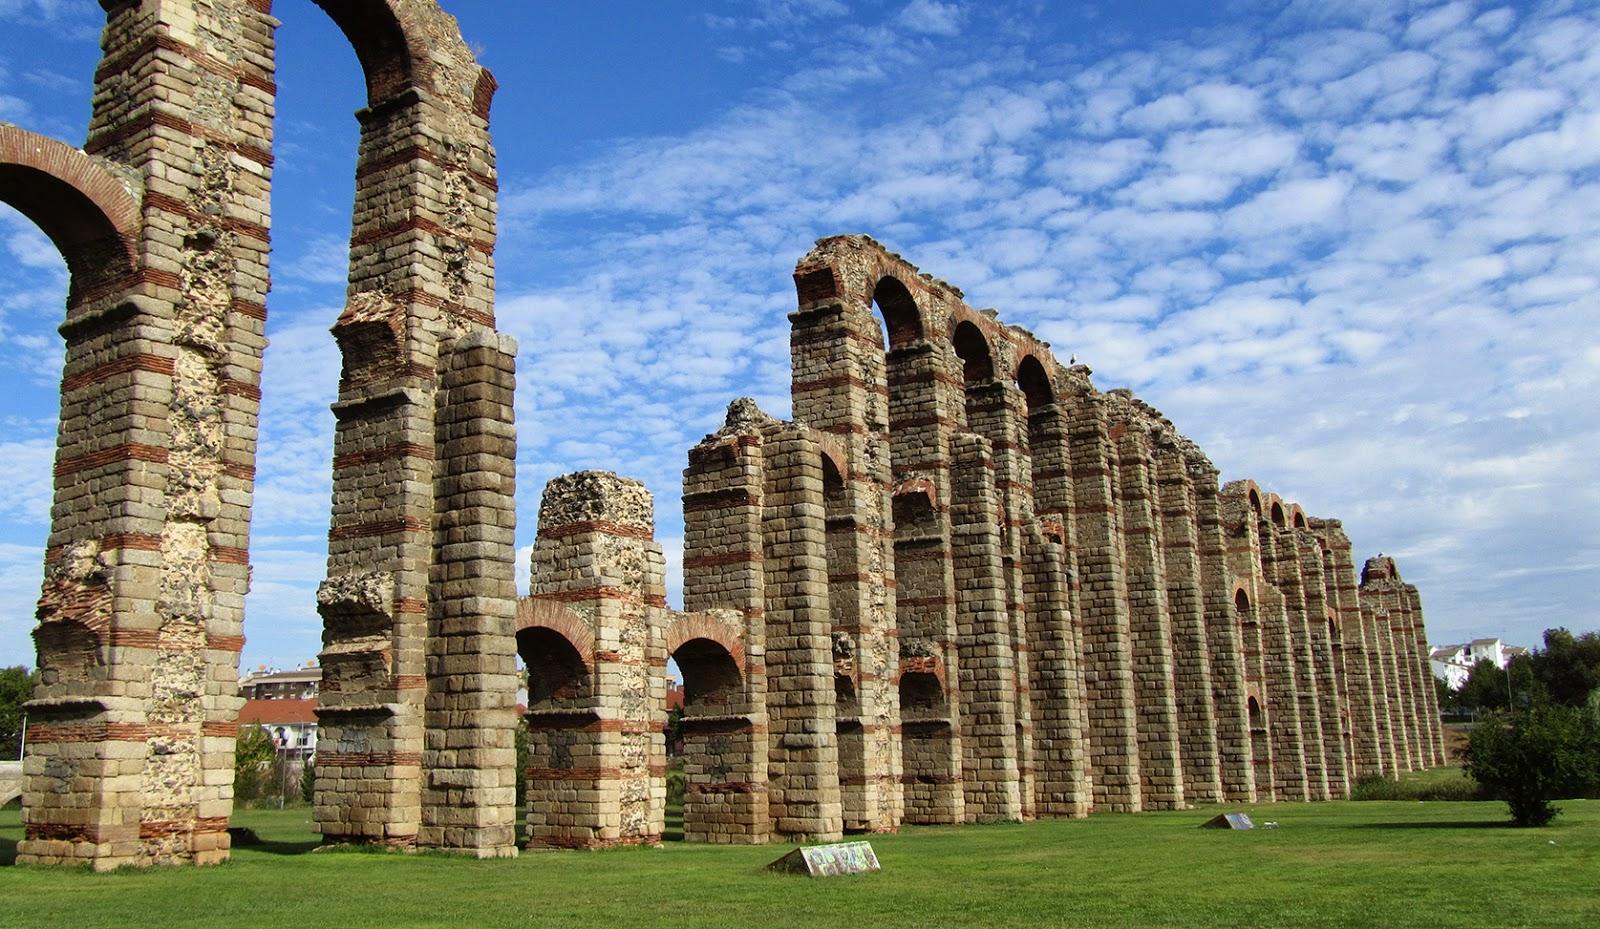 Mérida-Acueducto de los Milagros